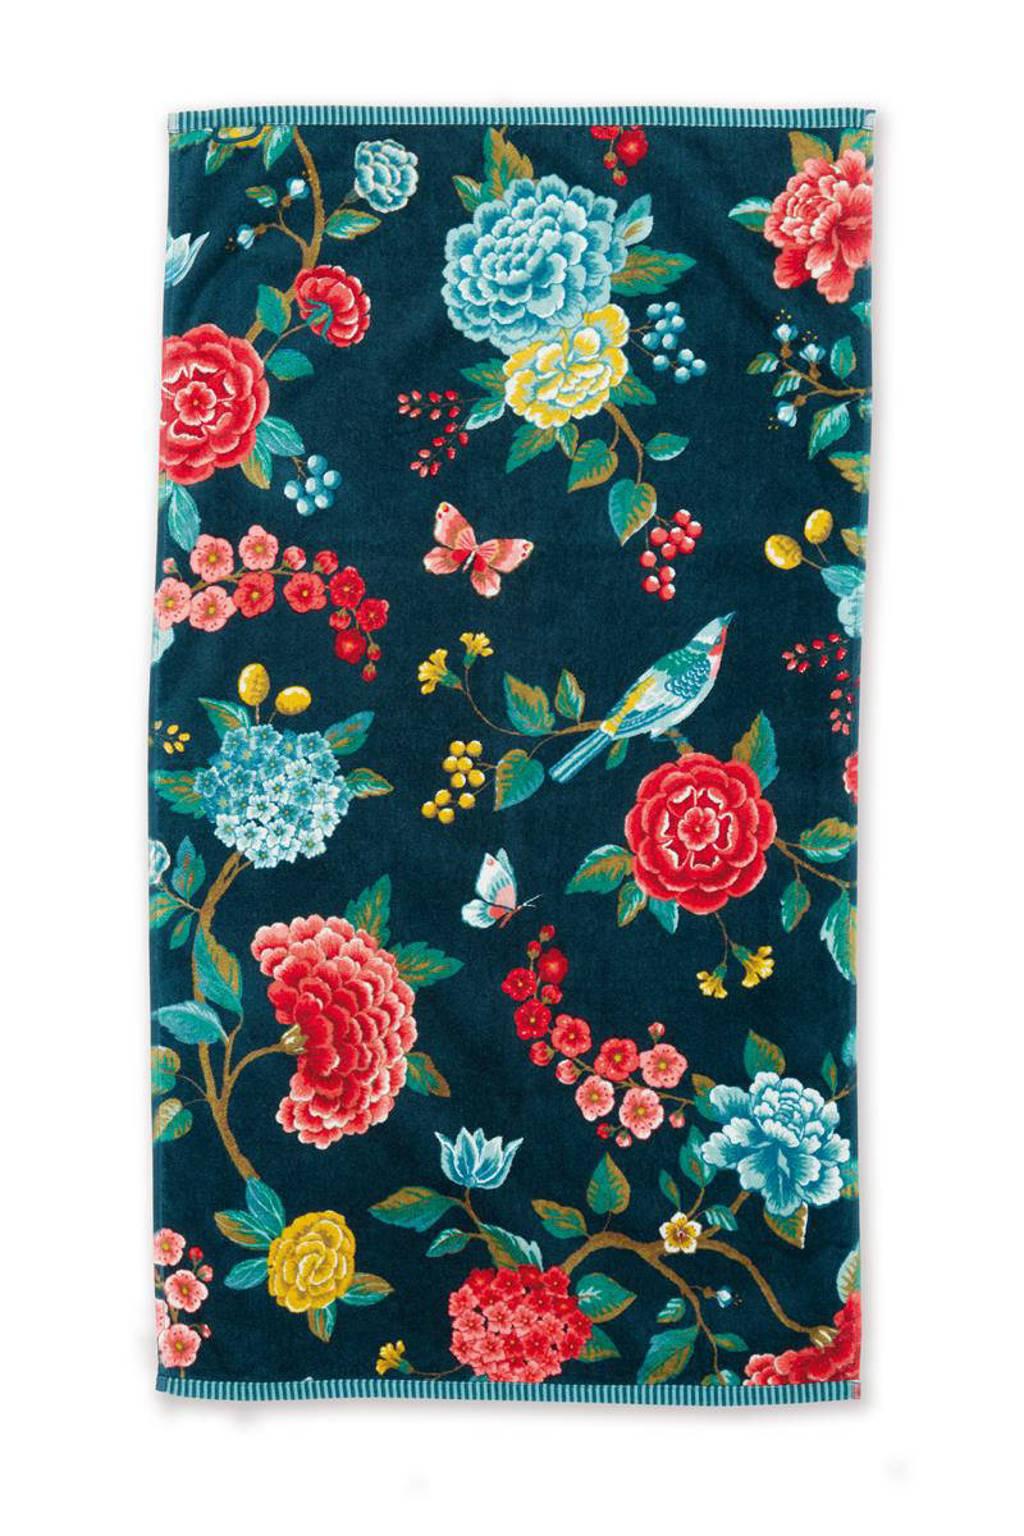 Pip Studio handdoek (100 x 55 cm) Donkerblauw